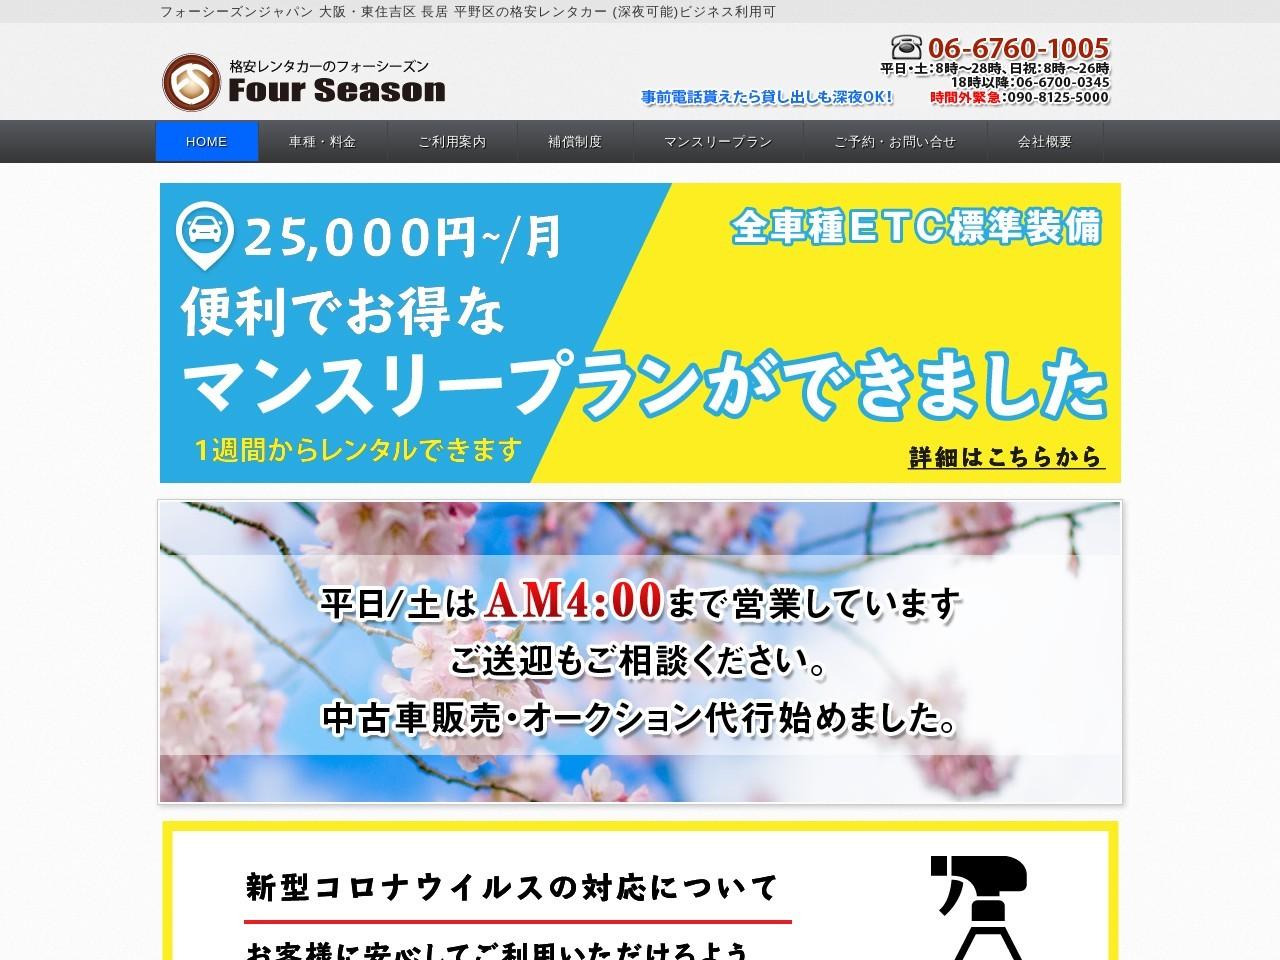 株式会社フォーシーズンジャパン